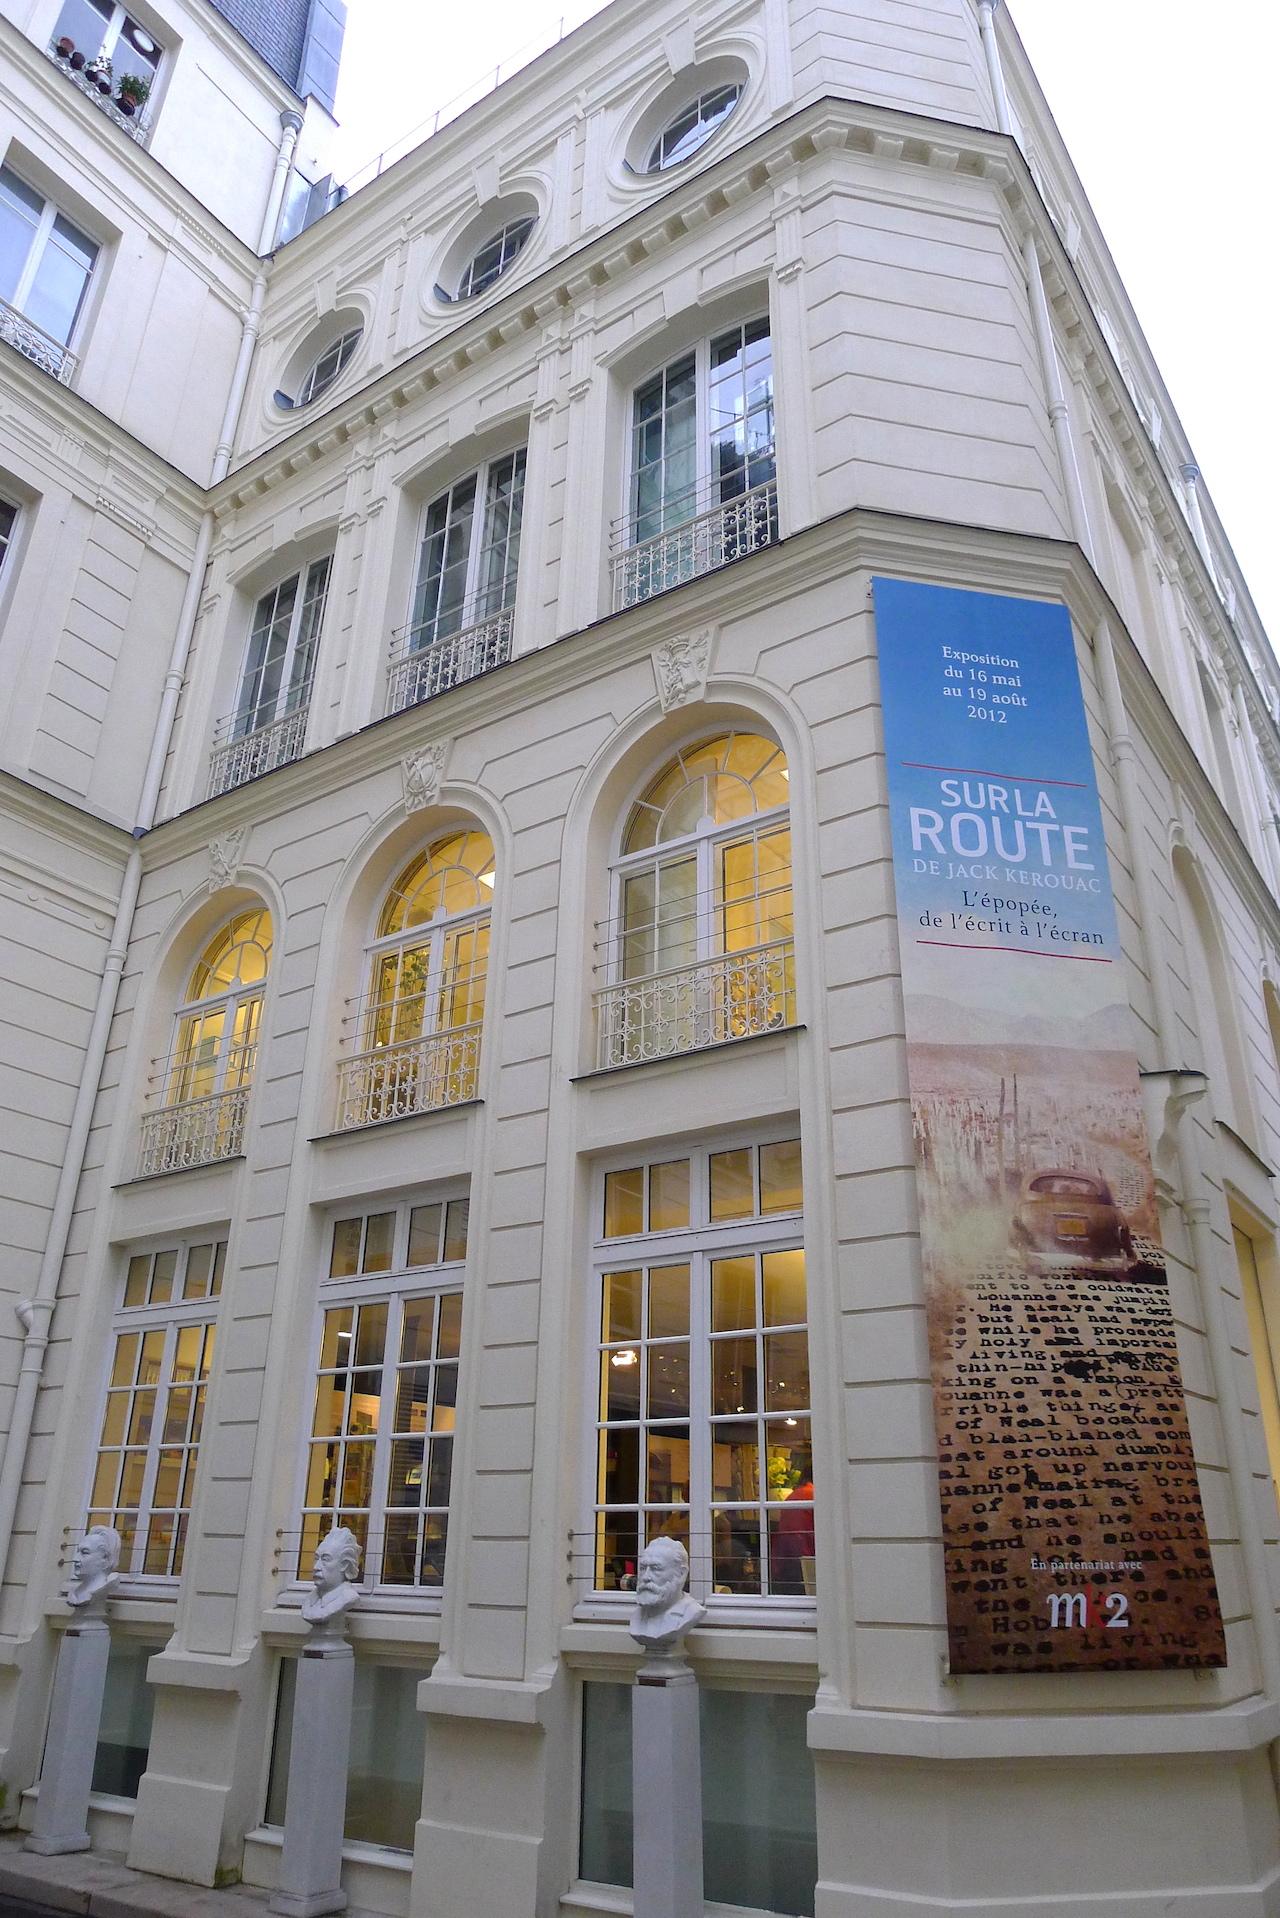 The Musée des Lettres et Manuscrits in Paris (photo by  Jason Whittaker/Flickr)